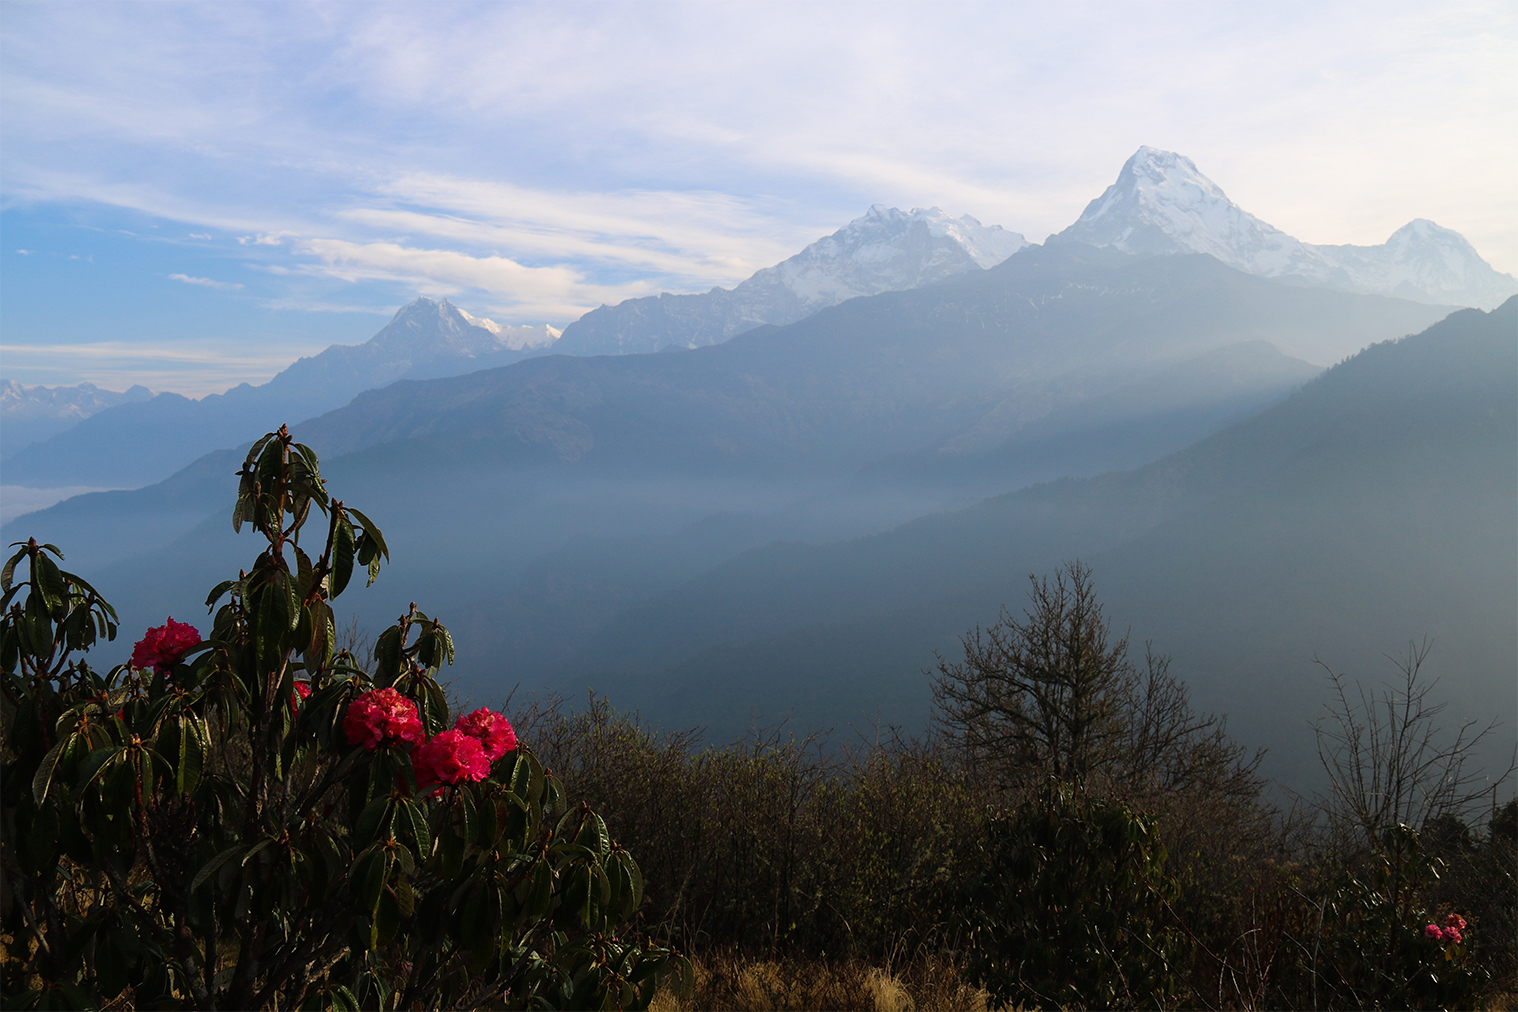 výhľad z Poon Hill (Annapurna I a Annapurna South)